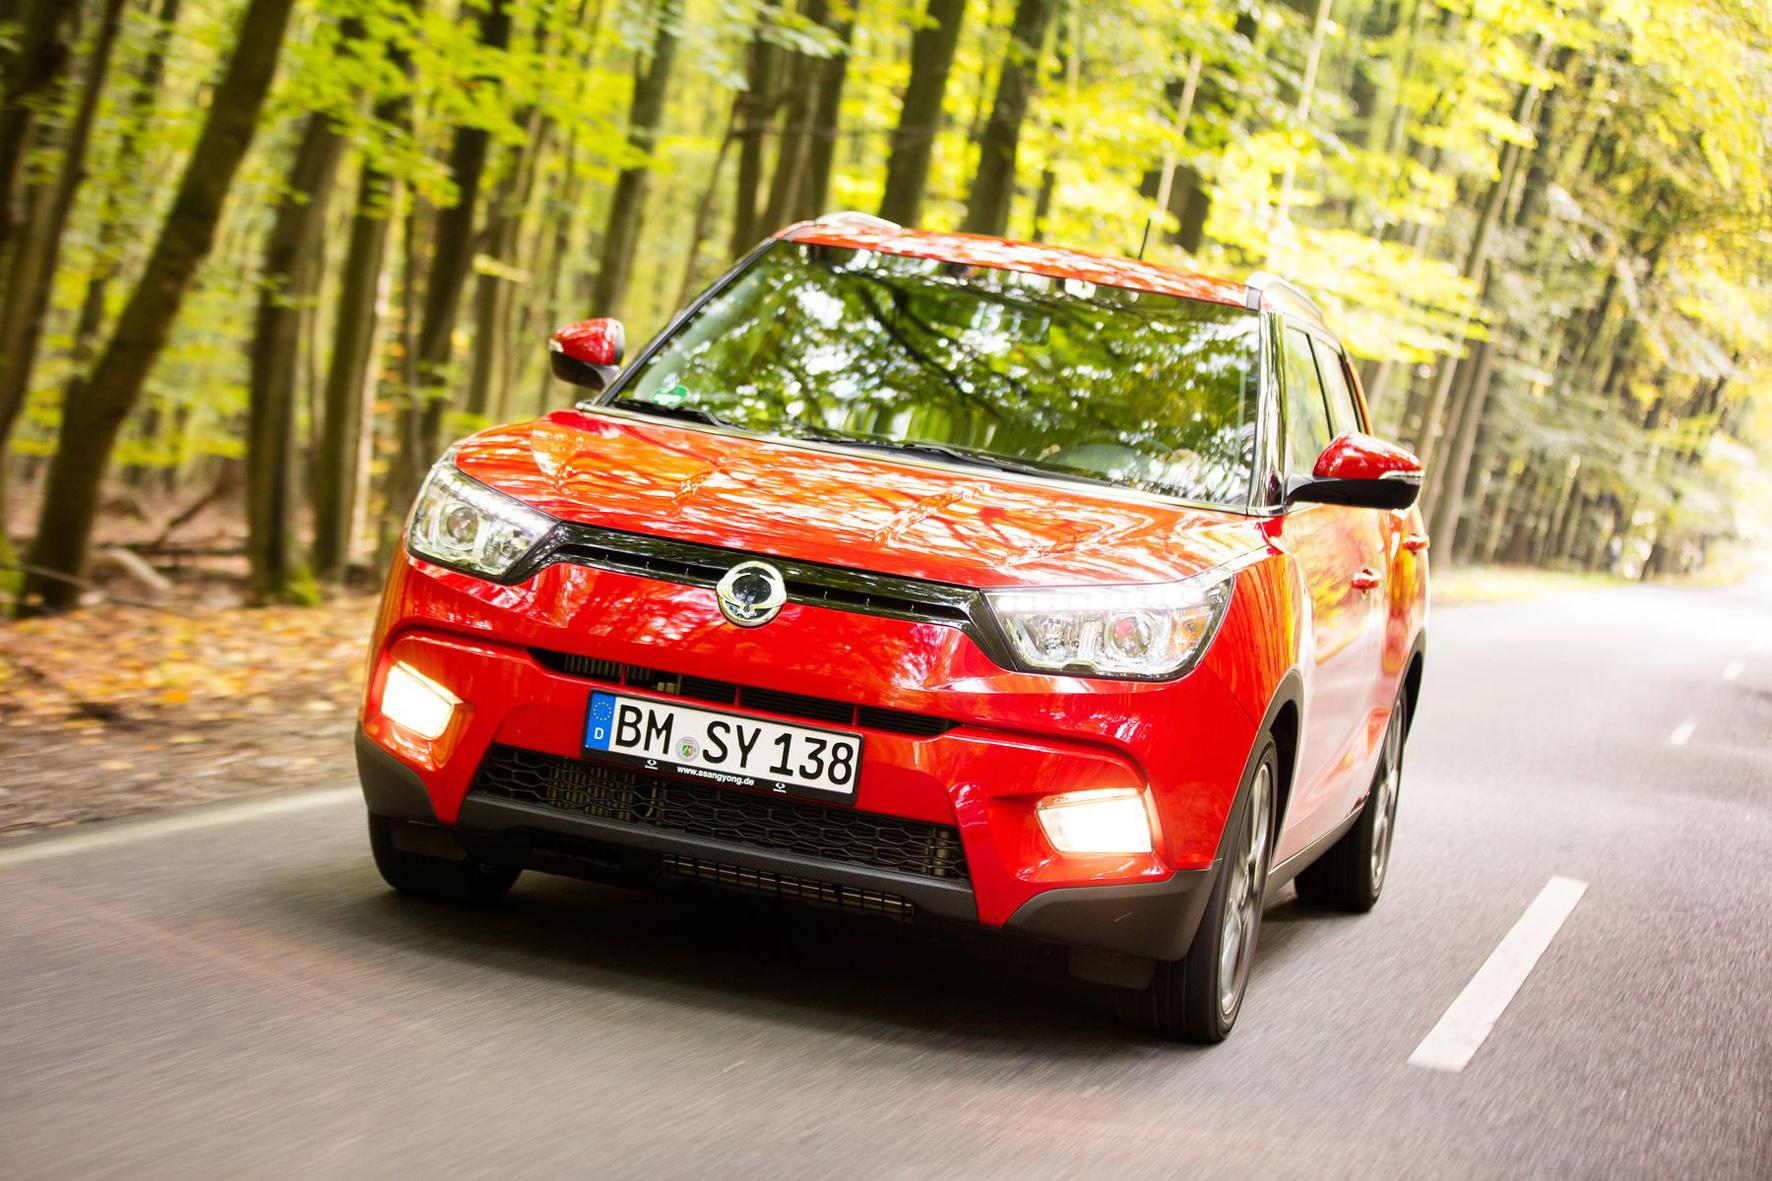 Kein Schnäppchen: Kompakte SUV mit Automatik - Magazin